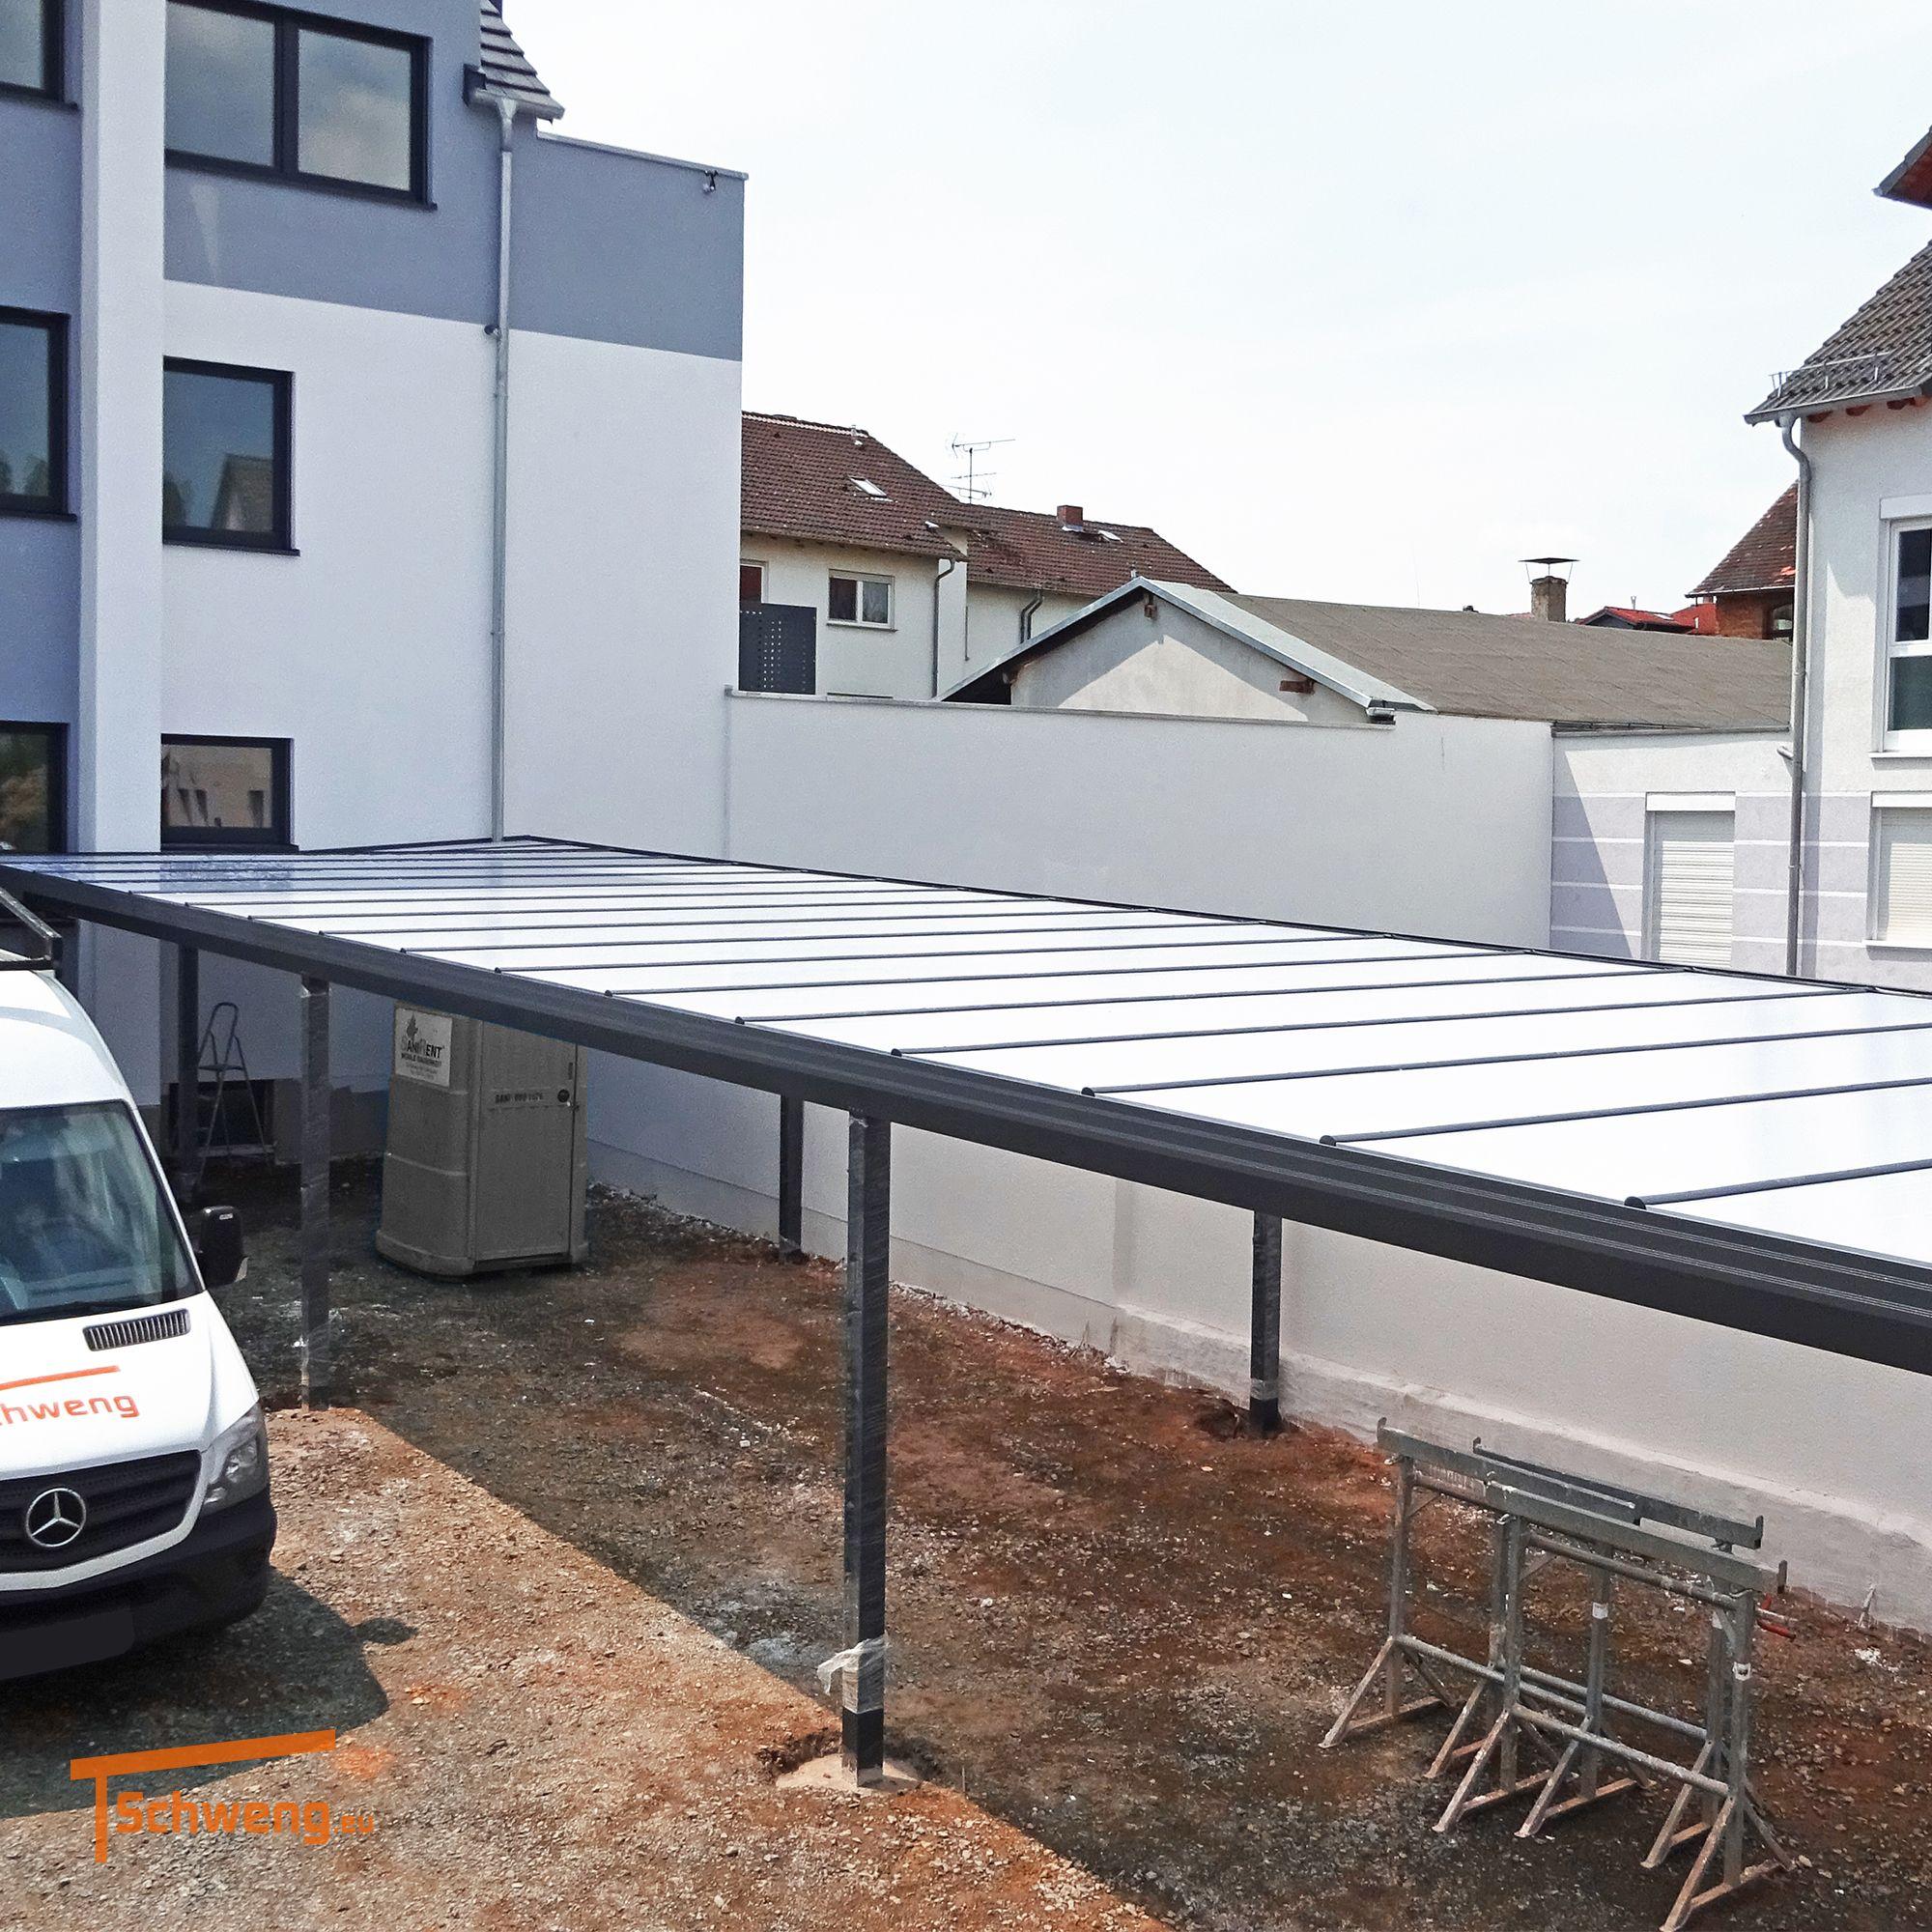 Schweng Carport aus Aluminium für Mehrfamilienhäuser Eine